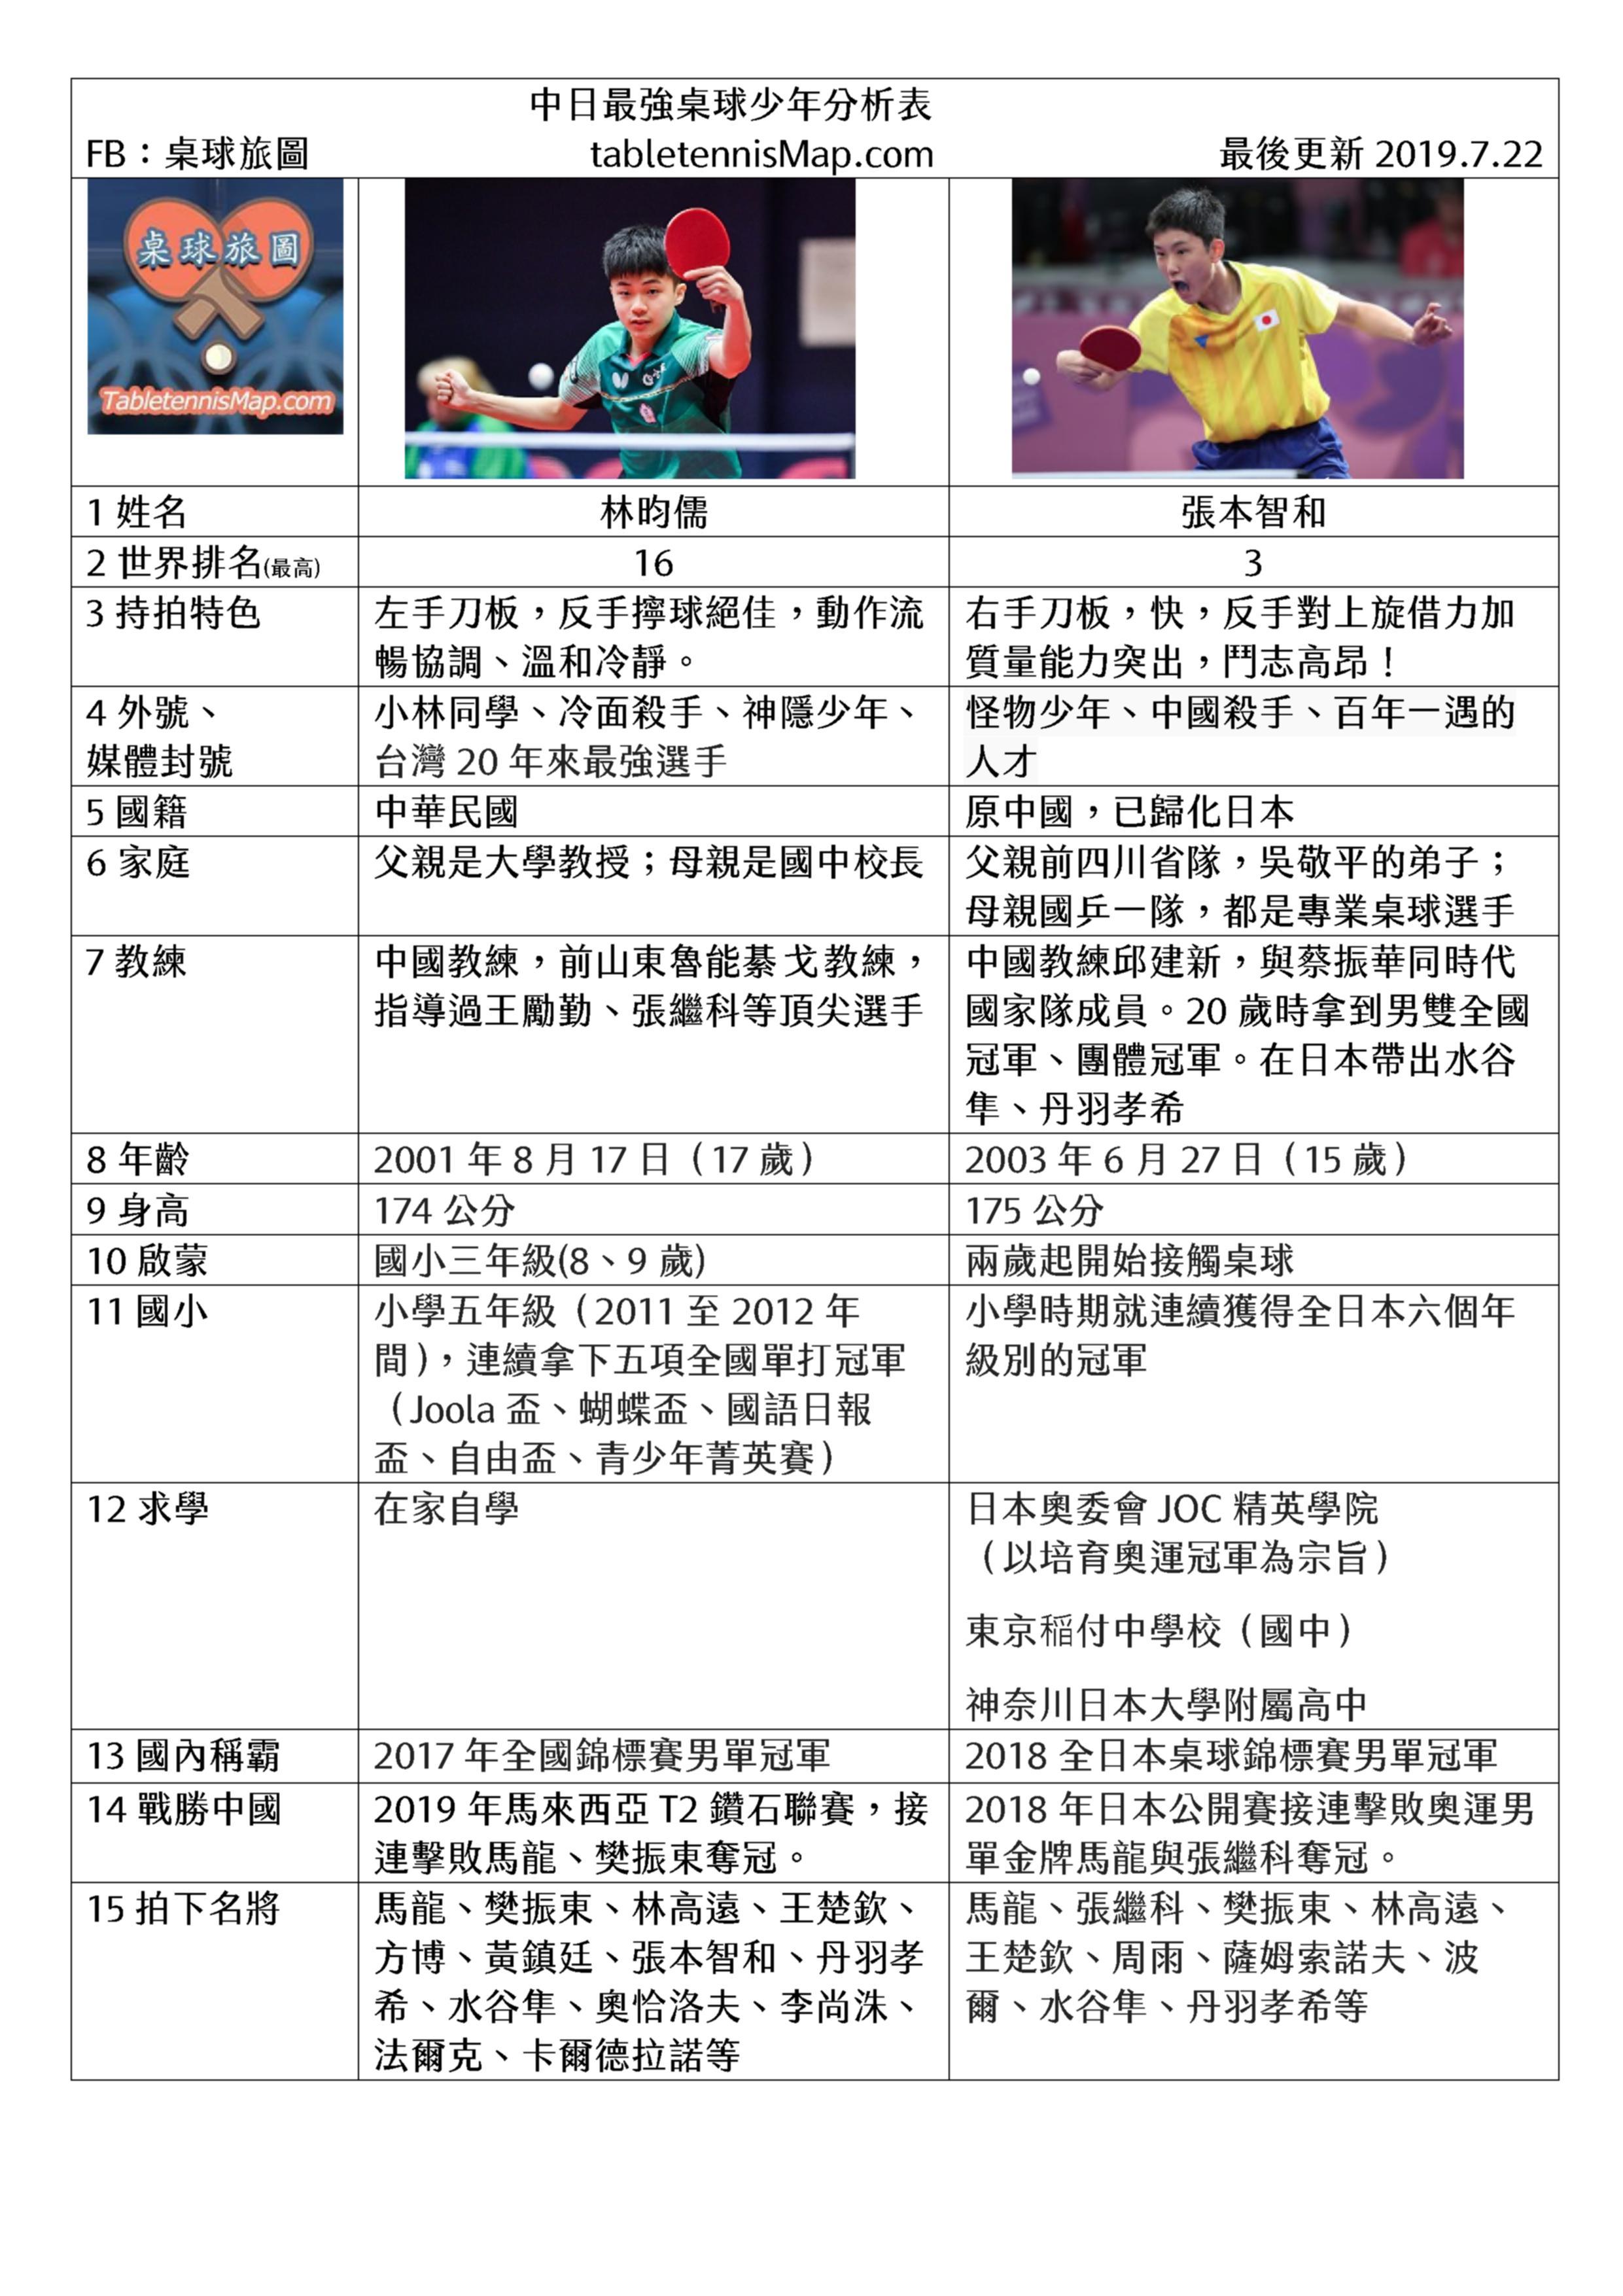 中華臺北第一高手,冷面殺手、神隱少年,林昀儒選手,以及日本第一怪物少年,張本智和選手, 年紀相當,實力相近,都在桌球路上刻苦努力,也是罕見有能力連續擊敗中國選手的桌球員! 這一段旅程才將開始,東京奧運可以想見會有一場場精彩絕倫的賽事,且讓我們拭目以待! 持續更新中,也歡迎大家提供補充資料:)